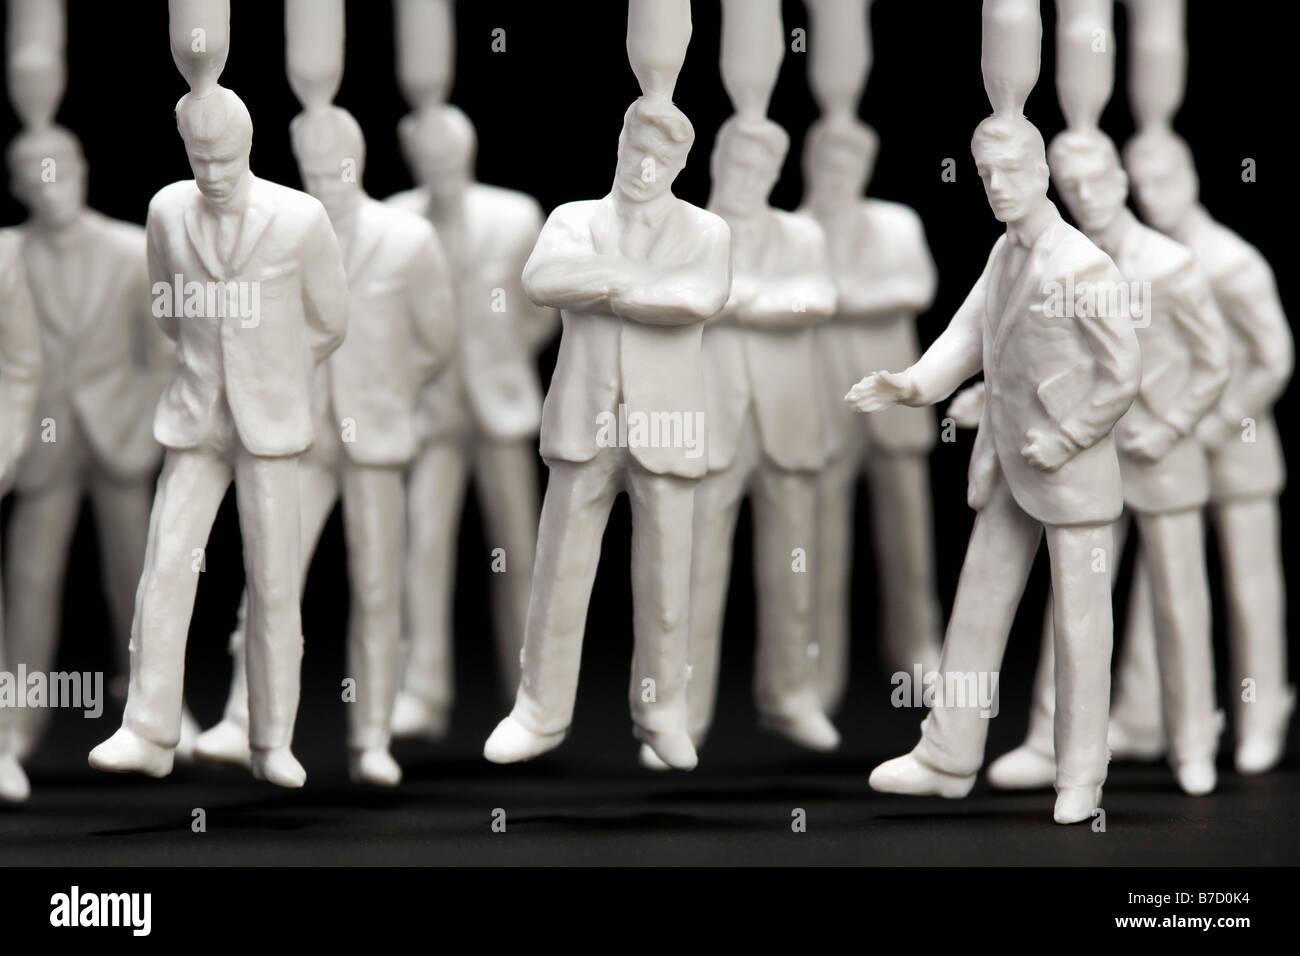 Un groupe d'hommes d'affaires moyen en plastique figurines Photo Stock